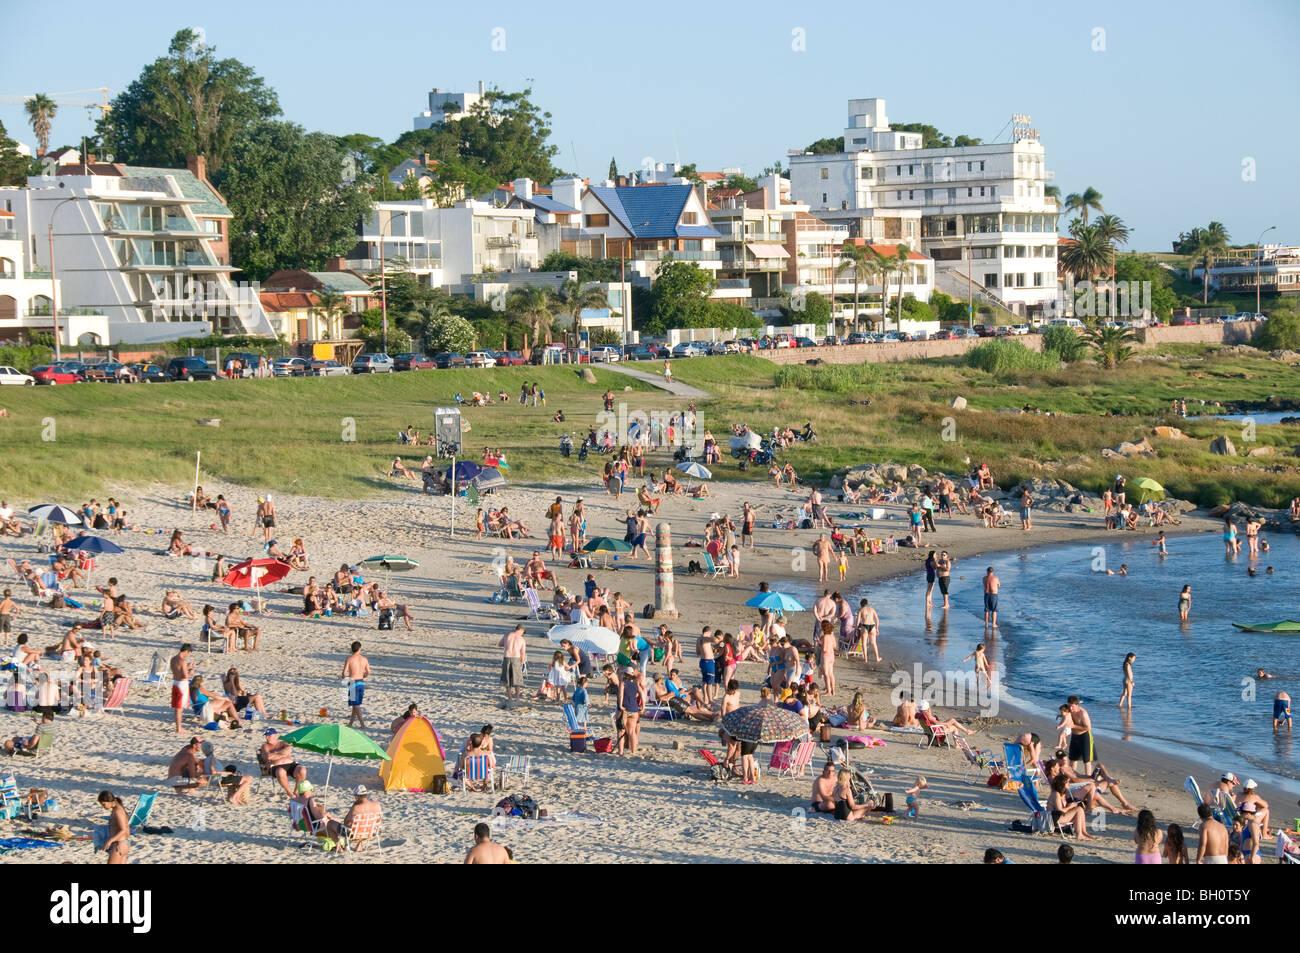 Uruguay. People sunbathing at Punta Gorda beach in Montevideo, - Stock Image